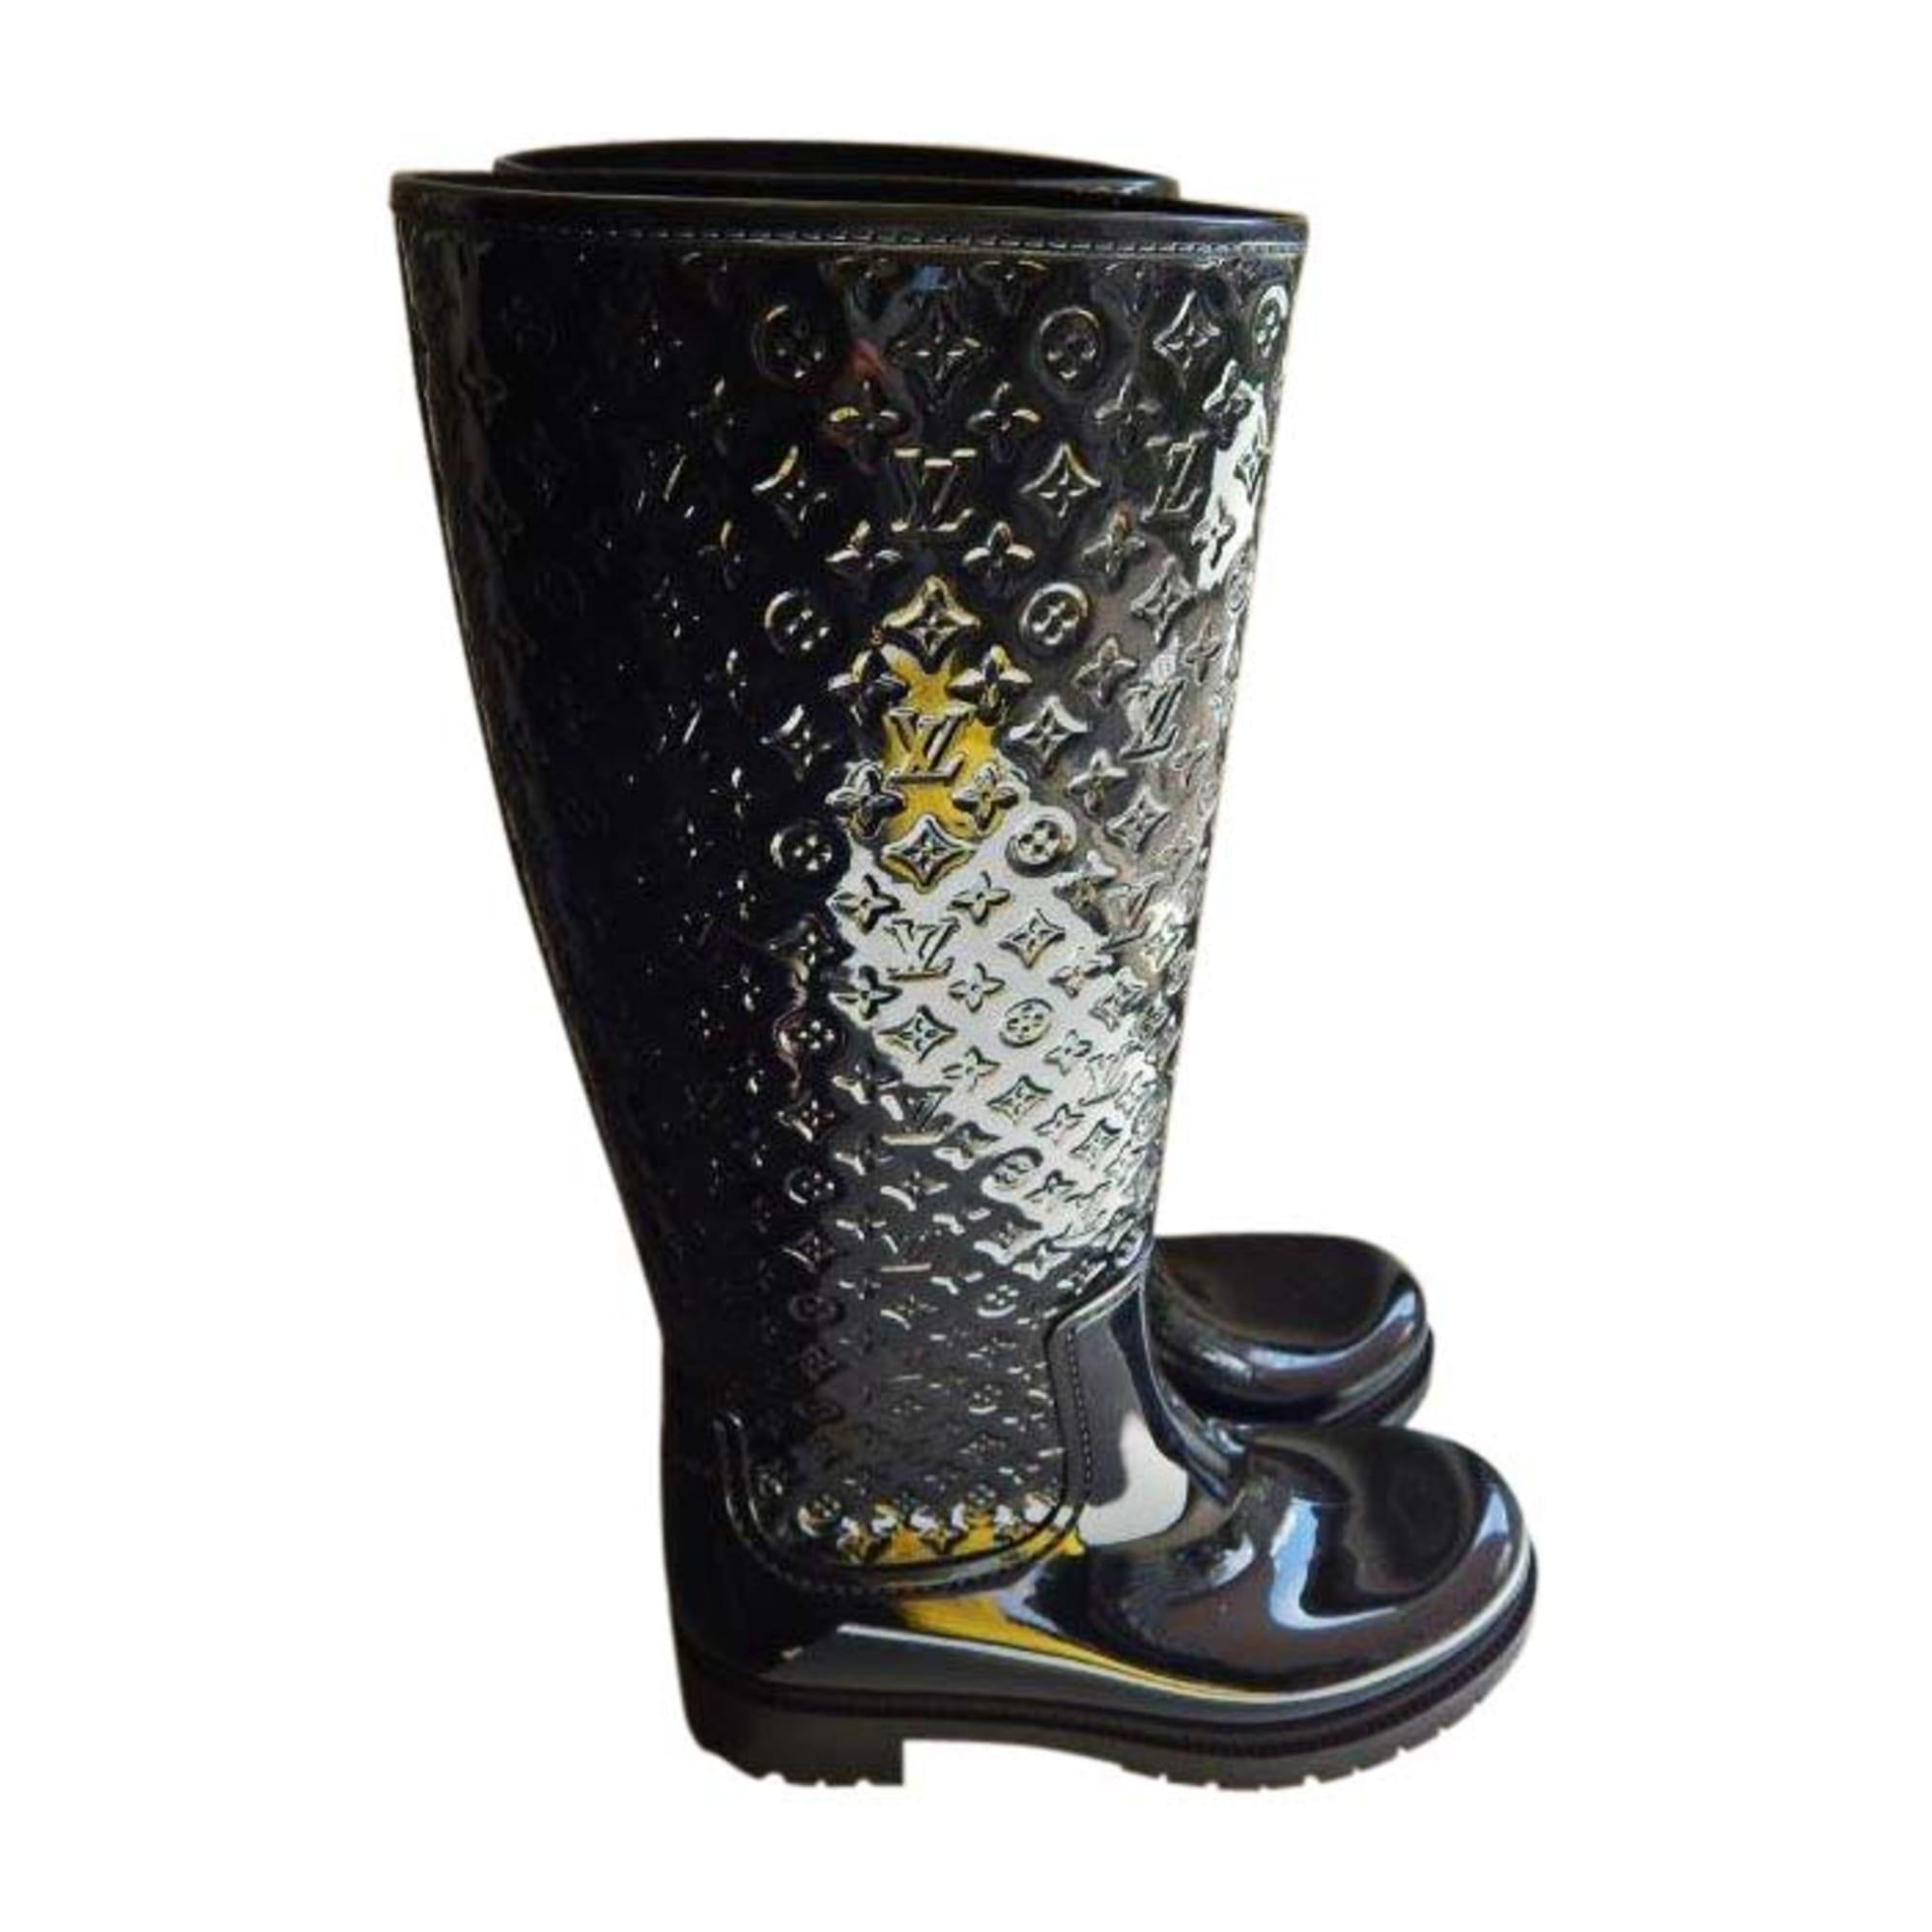 Bottes de pluie LOUIS VUITTON 38 noir vendu par Liselux - 7868516 9998377bcf5